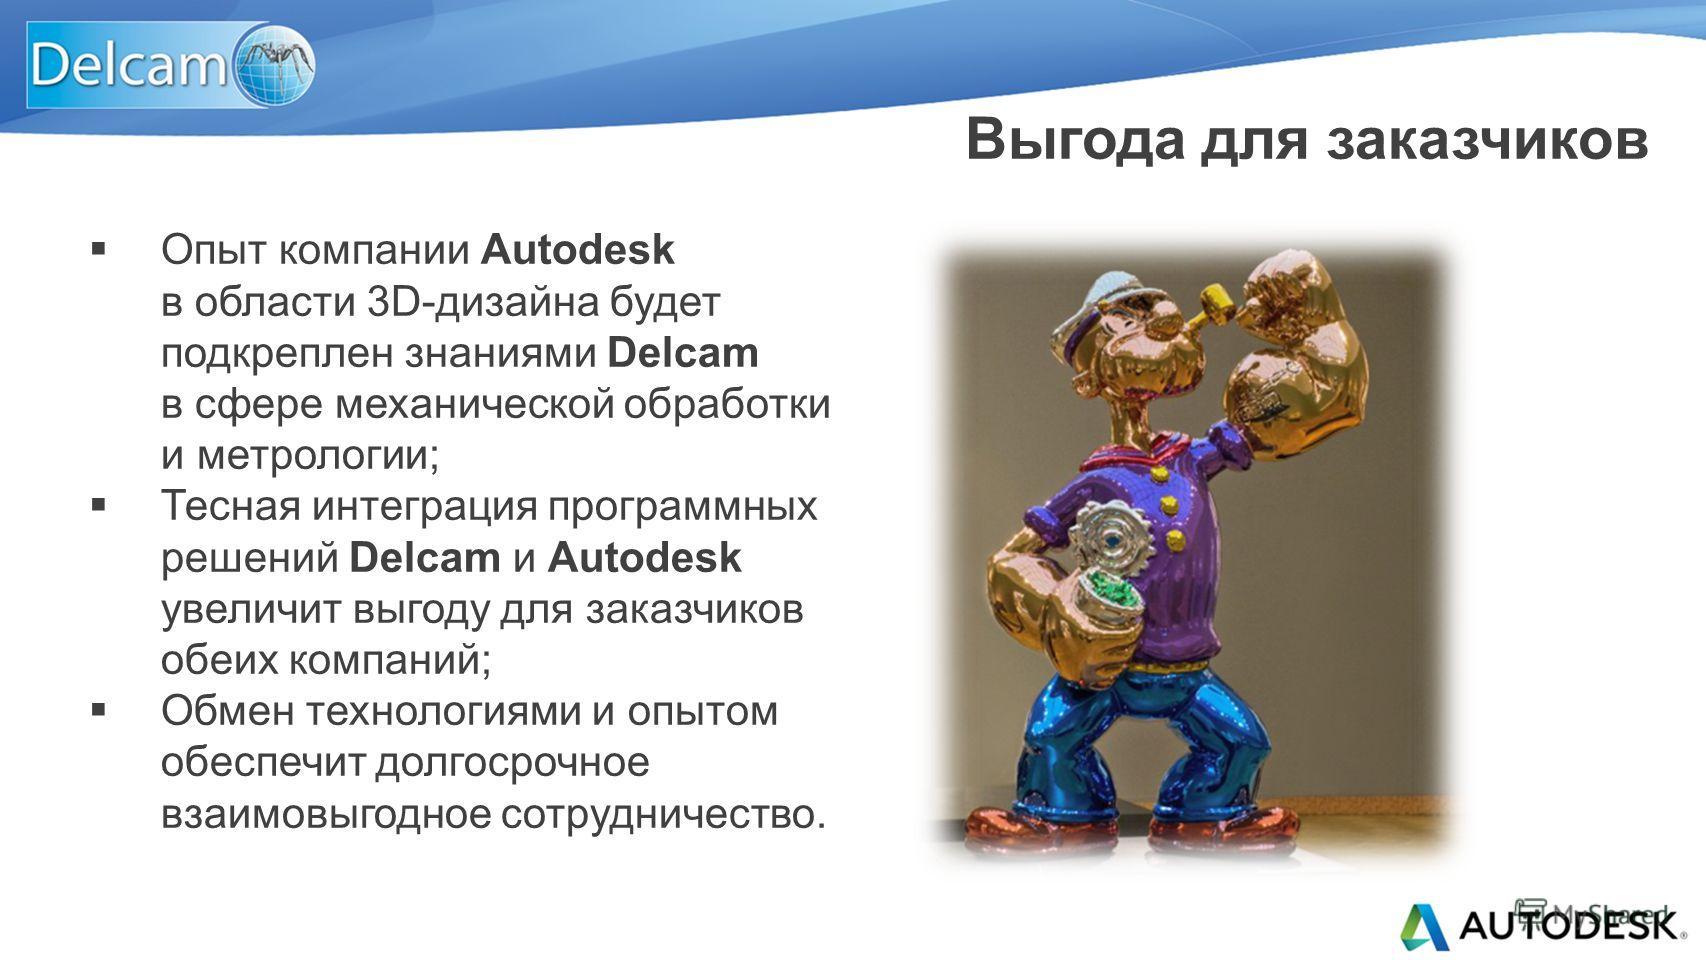 Опыт компании Autodesk в области 3D-дизайна будет подкреплен знаниями Delcam в сфере механической обработки и метрологии; Тесная интеграция программных решений Delcam и Autodesk увеличит выгоду для заказчиков обеих компаний; Обмен технологиями и опыт